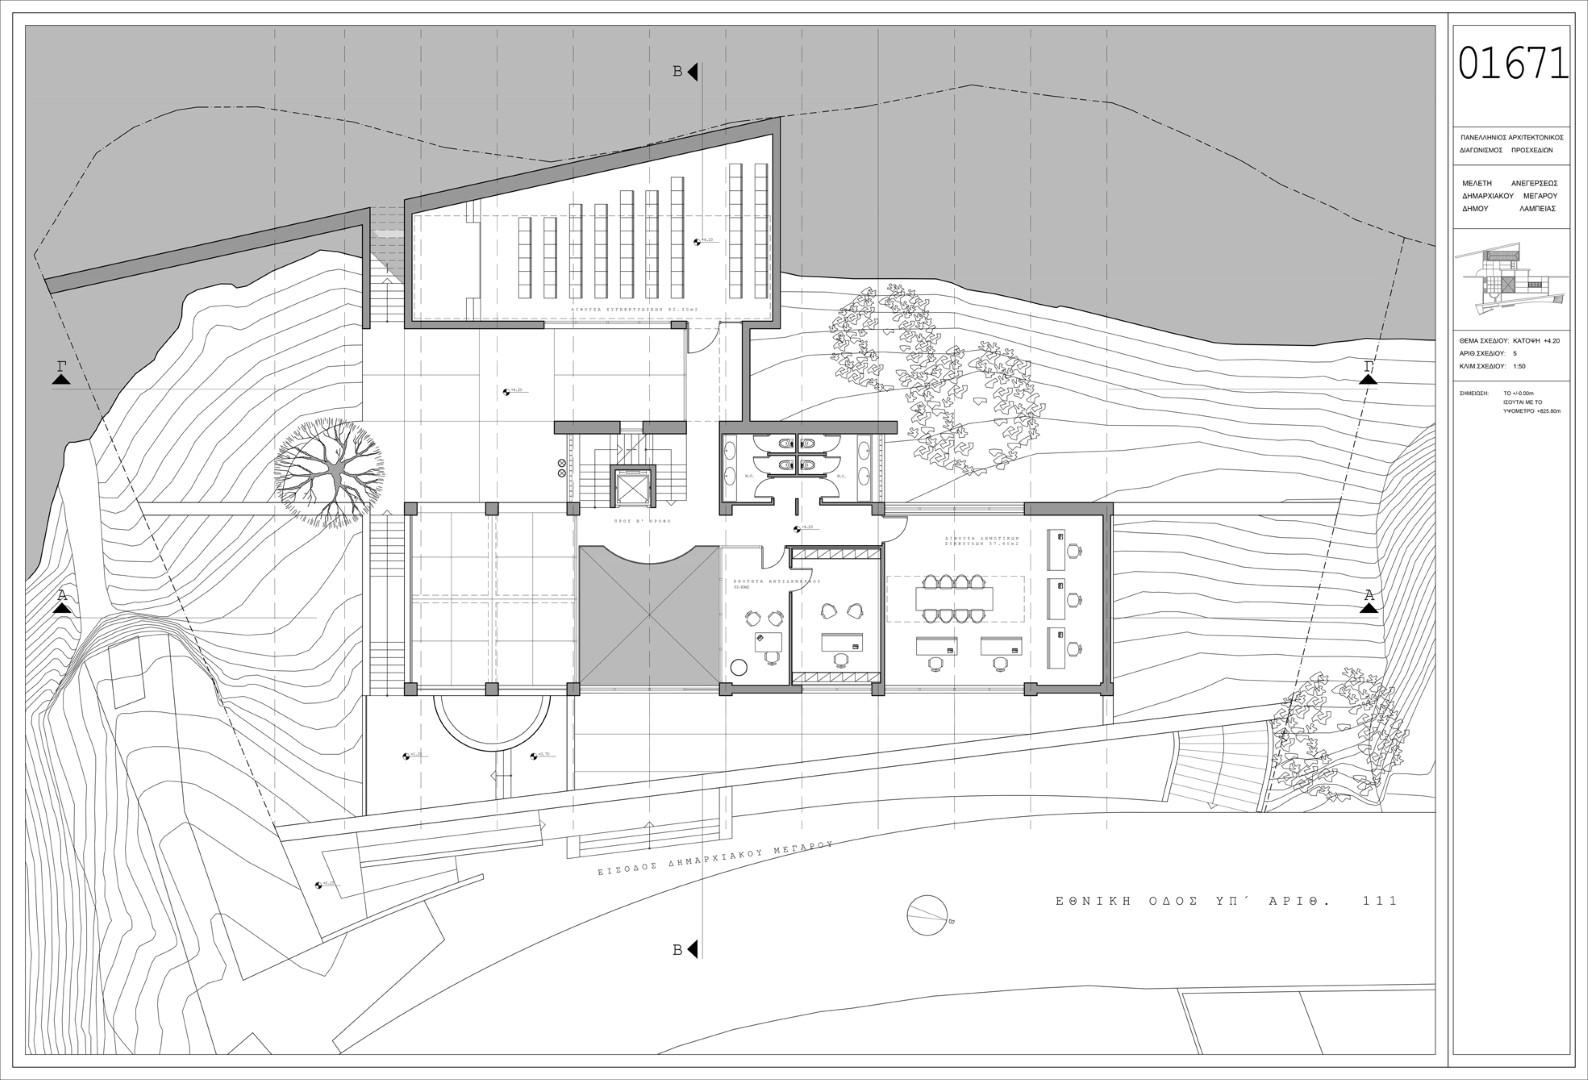 Πανελλήνιος Αρχιτεκτονικός Διαγωνισμός με θέμα Ανέγερση Δημαρχιακού Μεγάρου Δήμου Λαμπείας